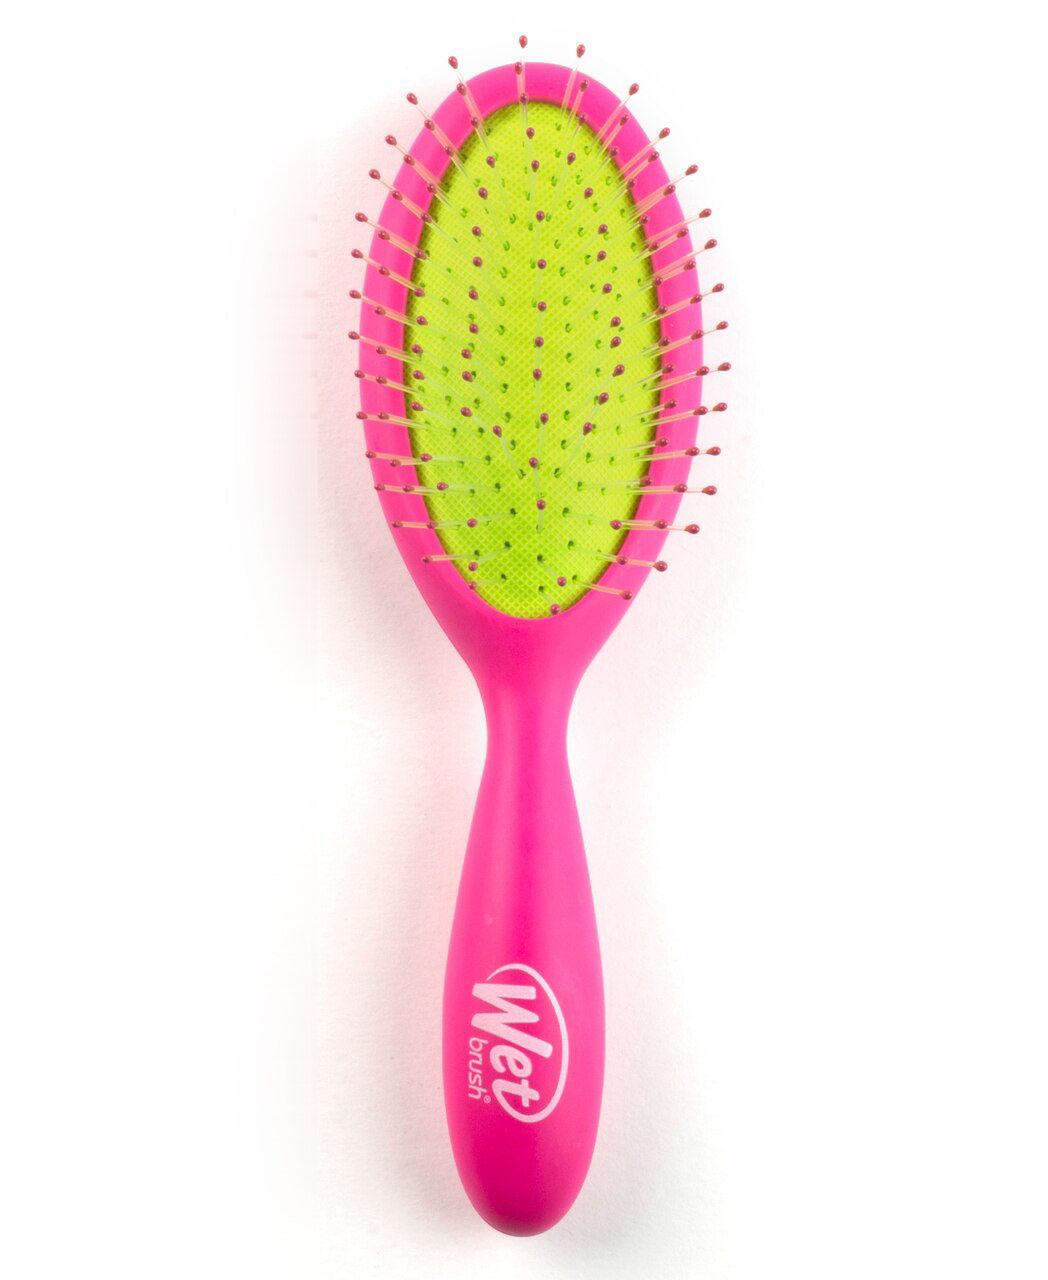 Kids Wet Brush - detangle